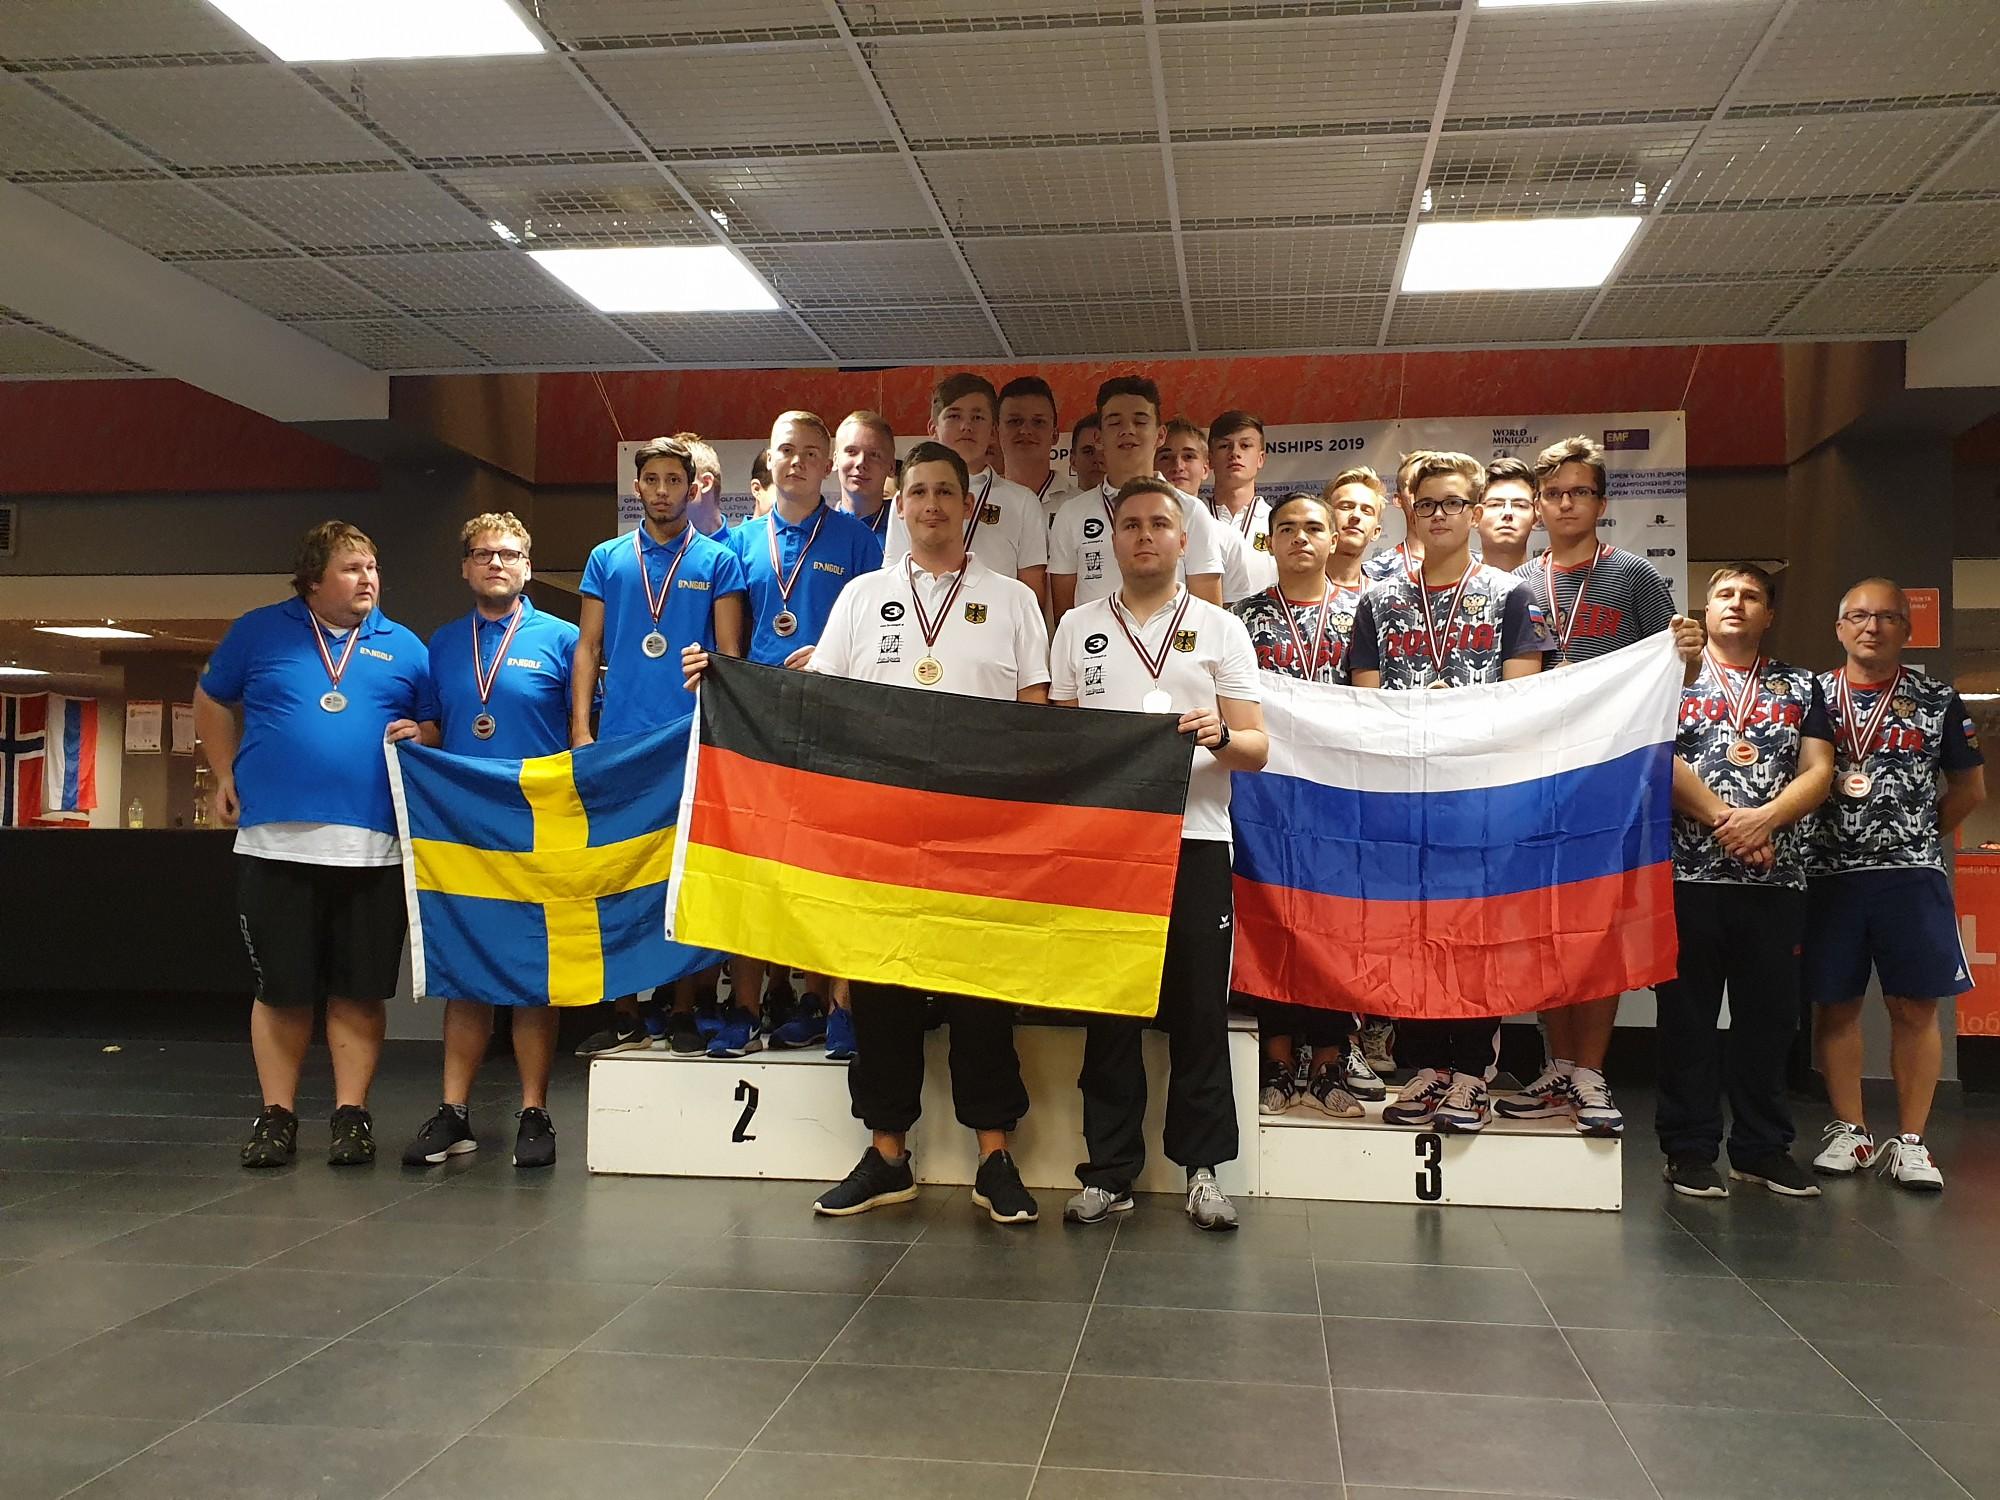 Eiropas junioru čempionātā minigolfā triumfē zviedru meitenes un vācu zēni